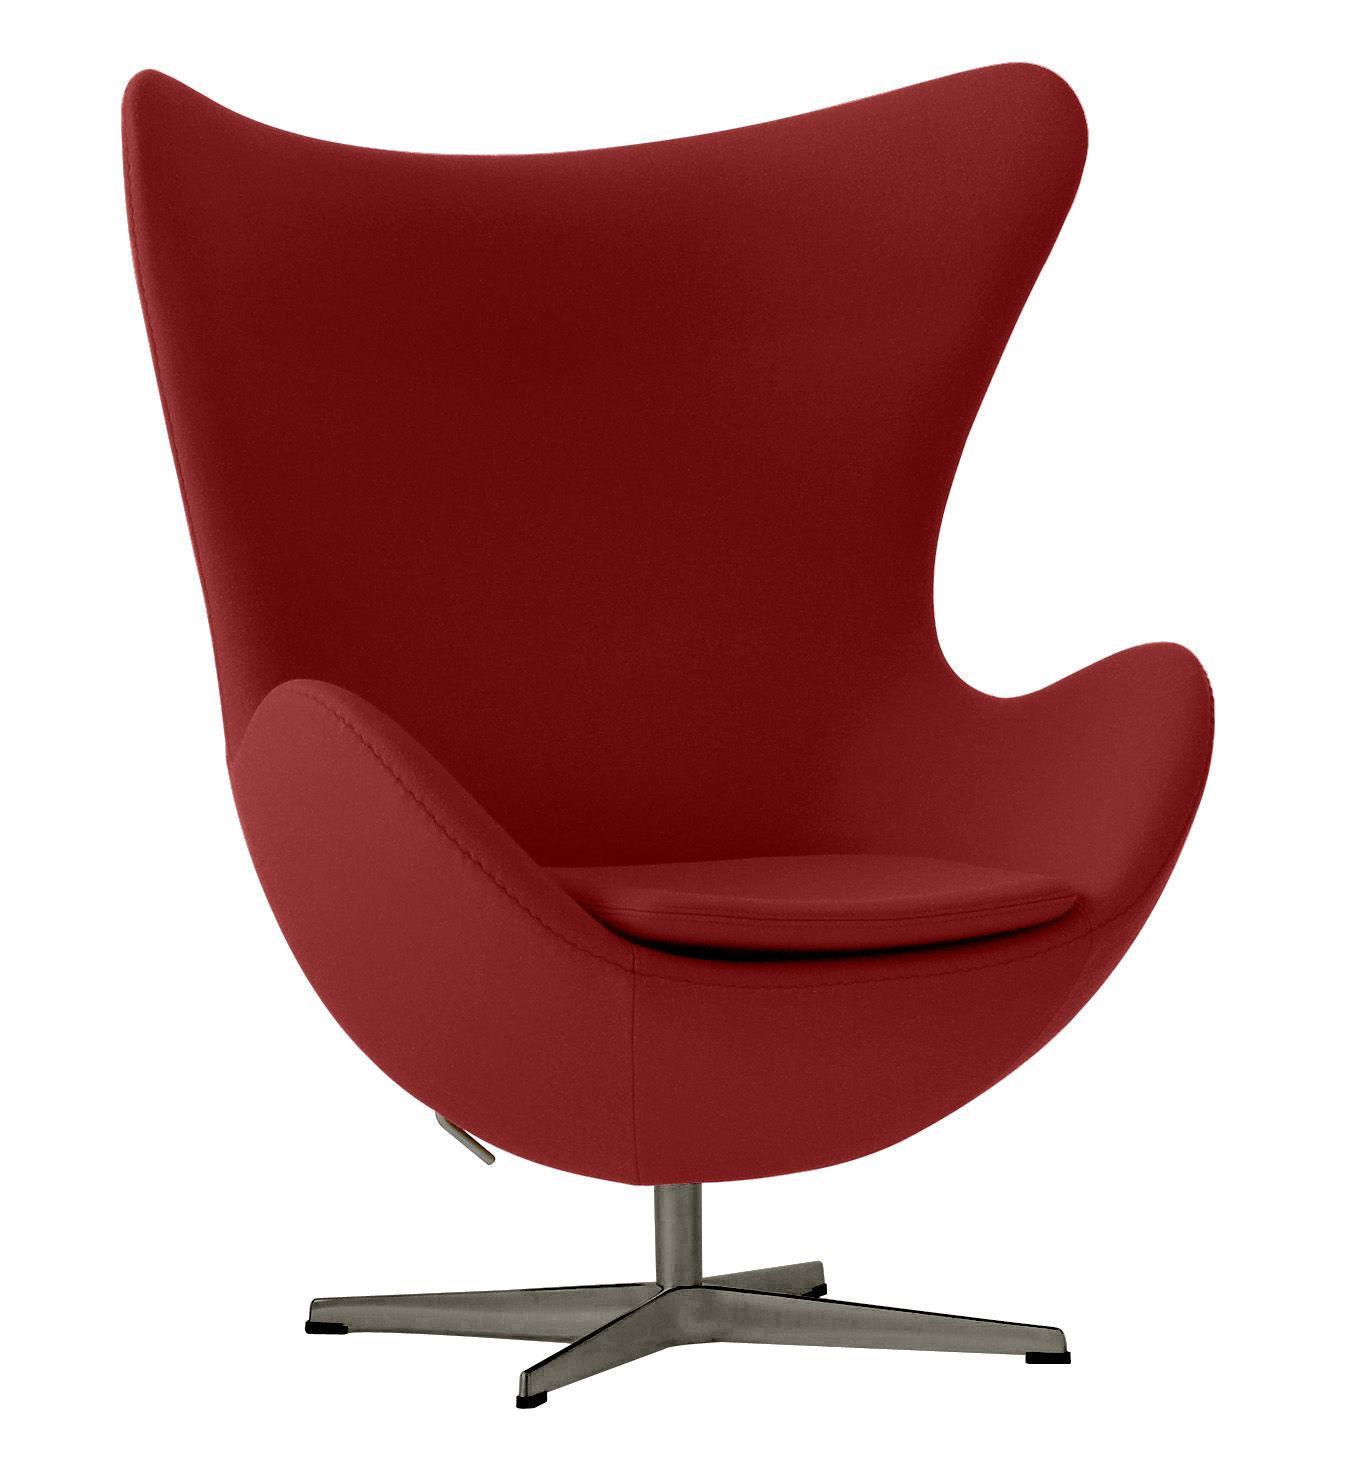 Arredamento - Poltrone design  - Poltrona girevole Egg chair - tessuto di Fritz Hansen - Rosso - Alluminio lucido, Fibra di vetro, Schiuma di poliuretano, Tessuto Kvadrat